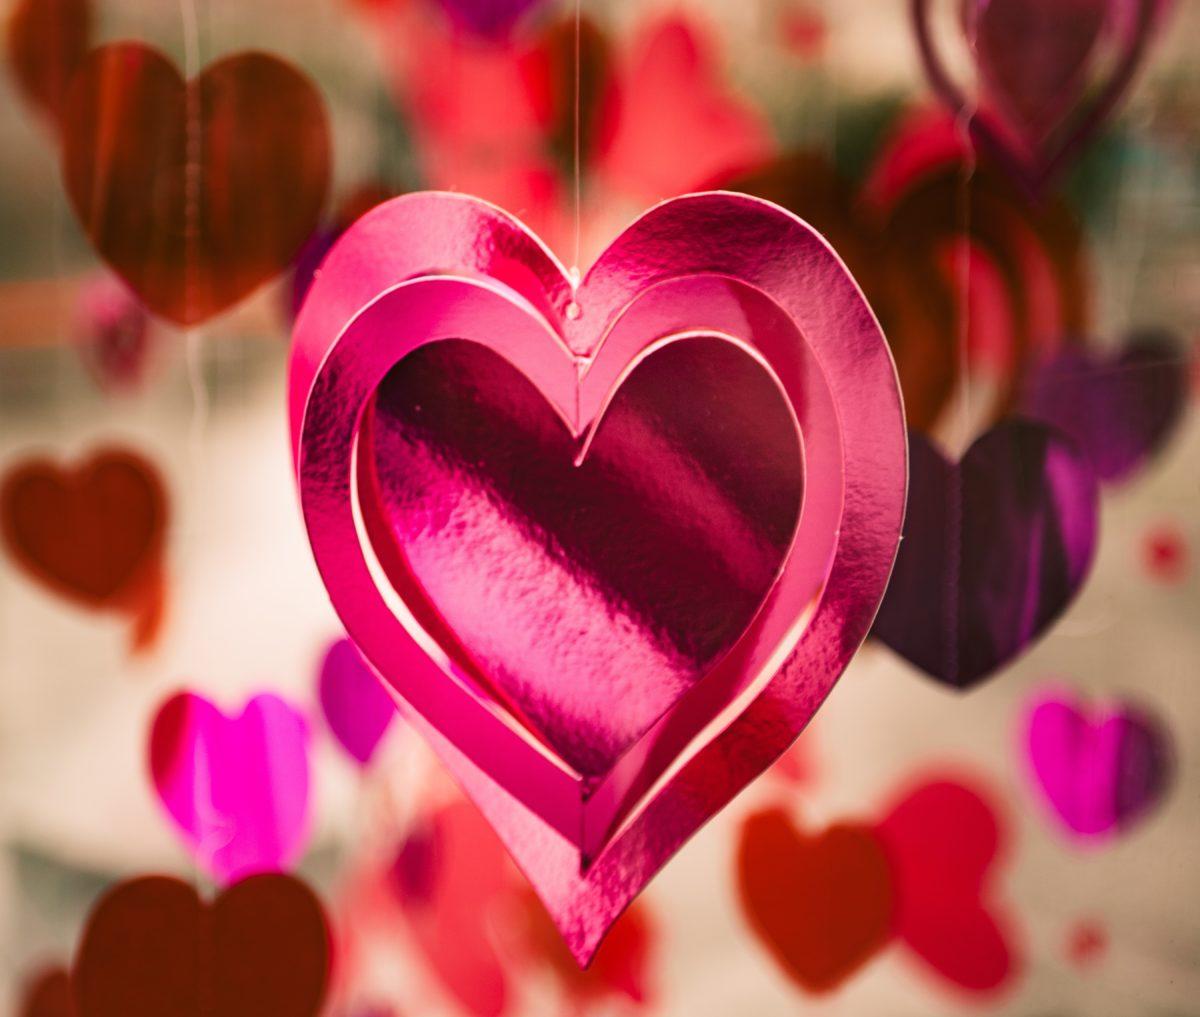 コラム「行き場のない婚活難民にならないためには恋愛相談を受けること」を公開!恋愛相談受付中です。